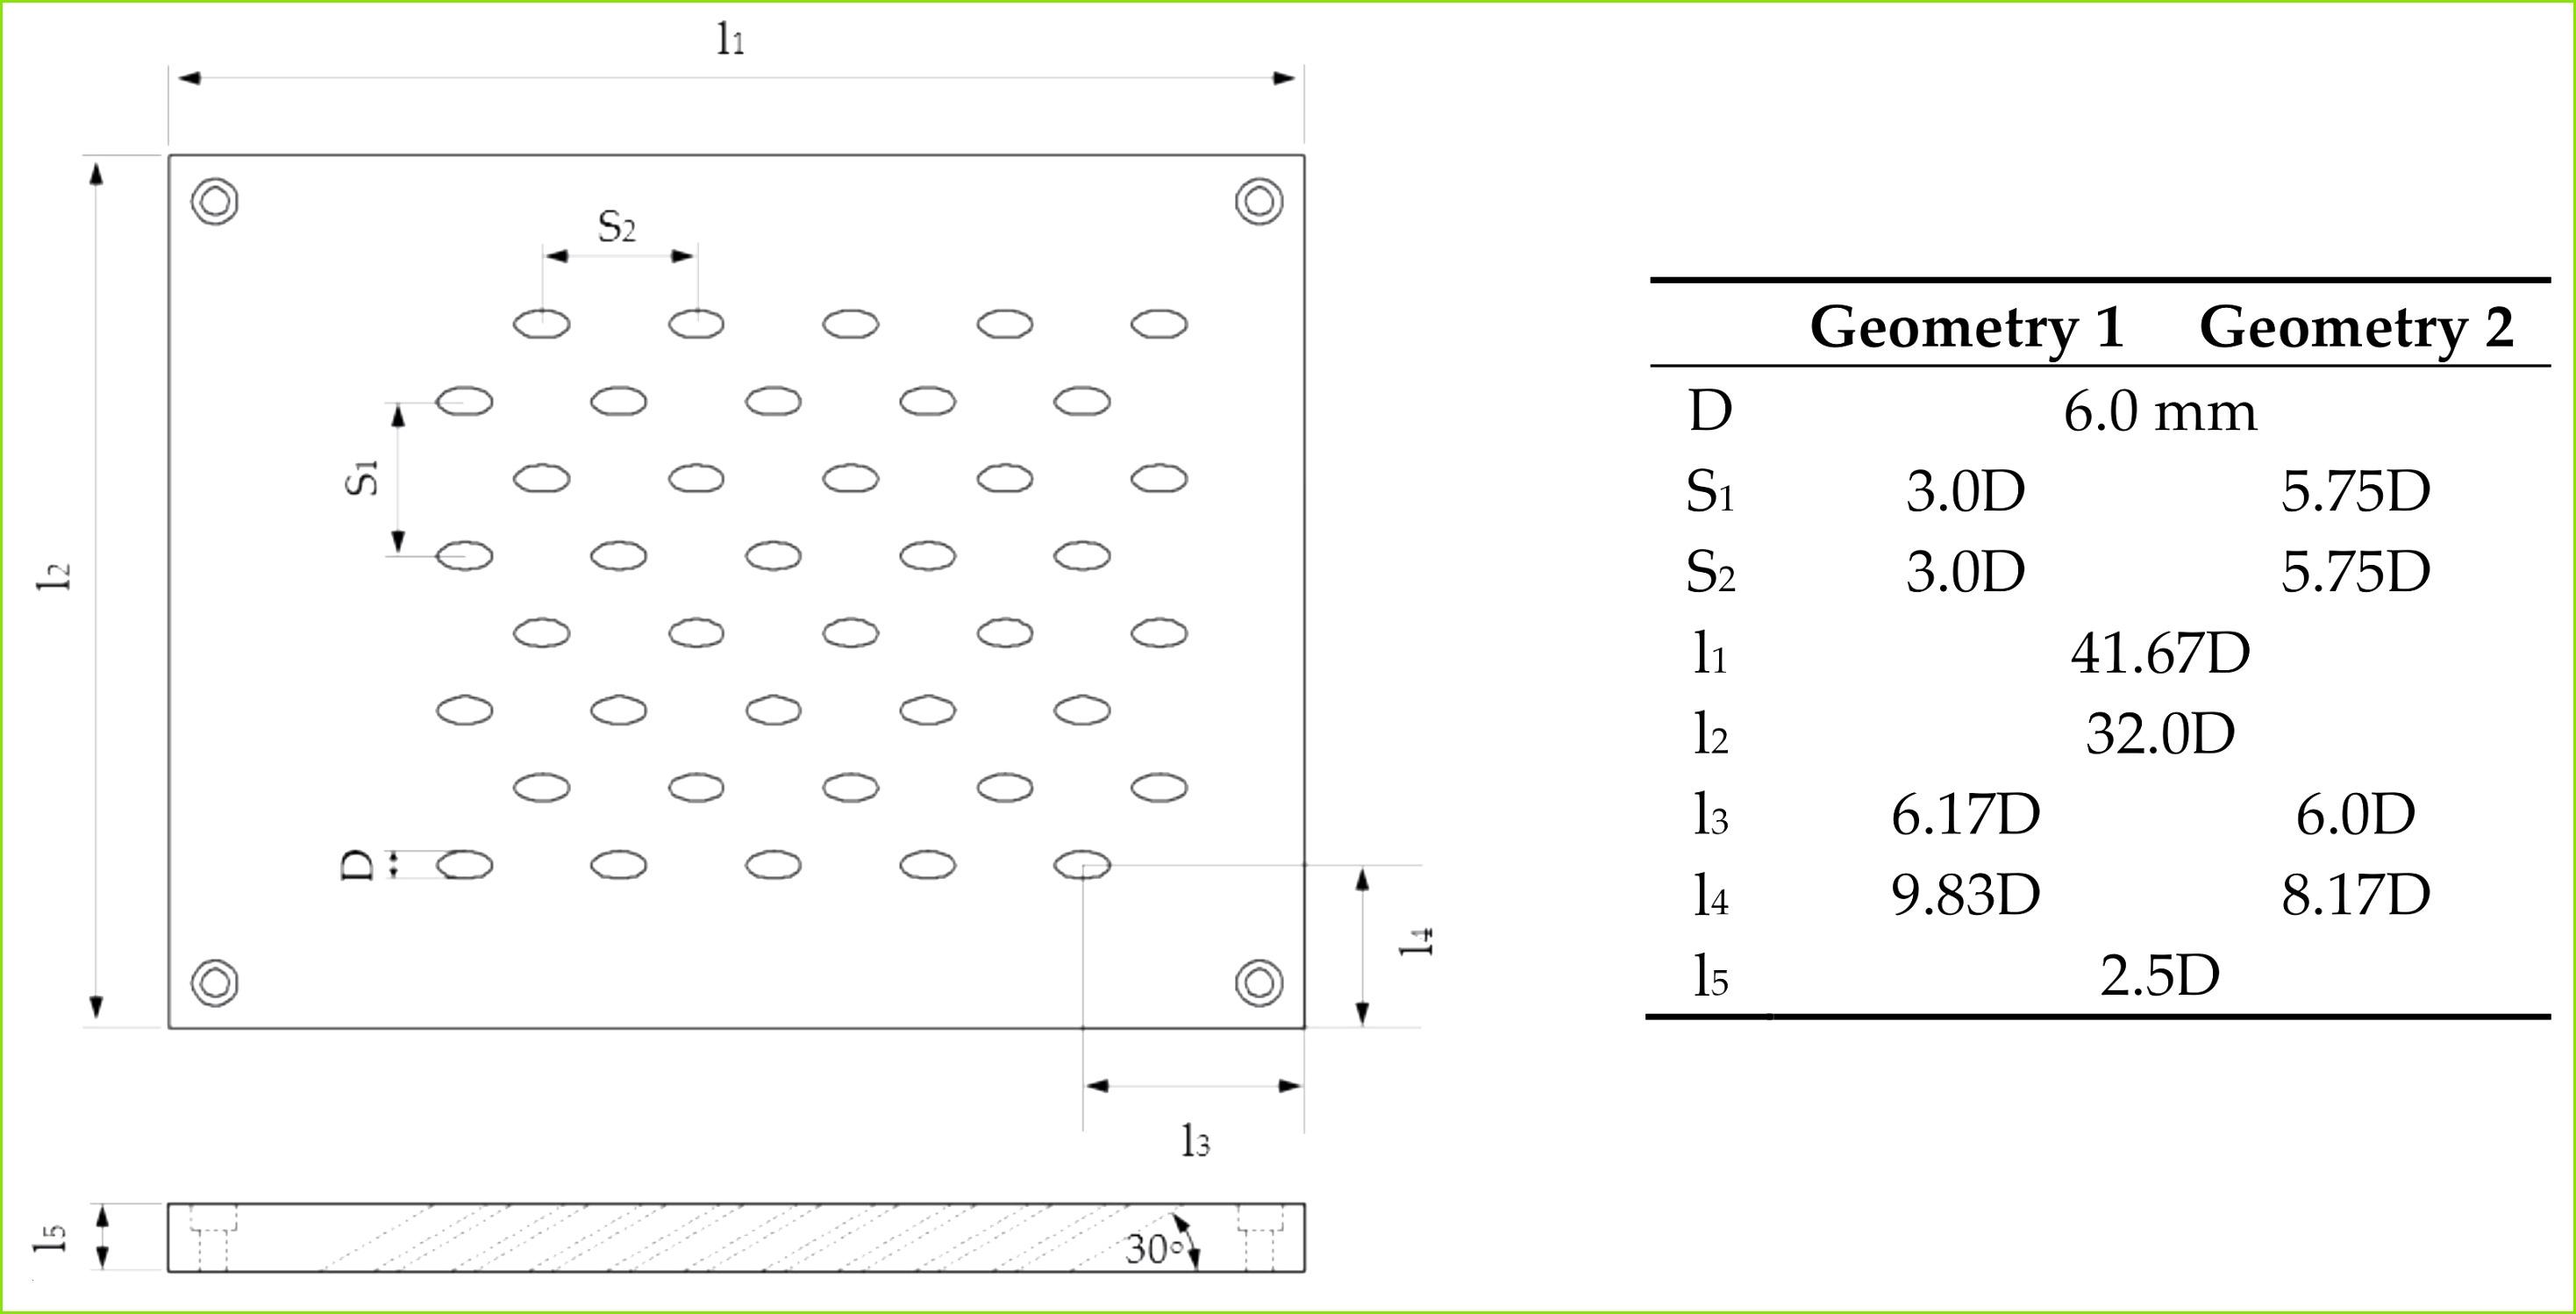 Spielkarten Vorlage Zum Ausdrucken Genial 35 Beispiel Lebenslauf Muster Zum Ausdrucken Douglaschannelenergy